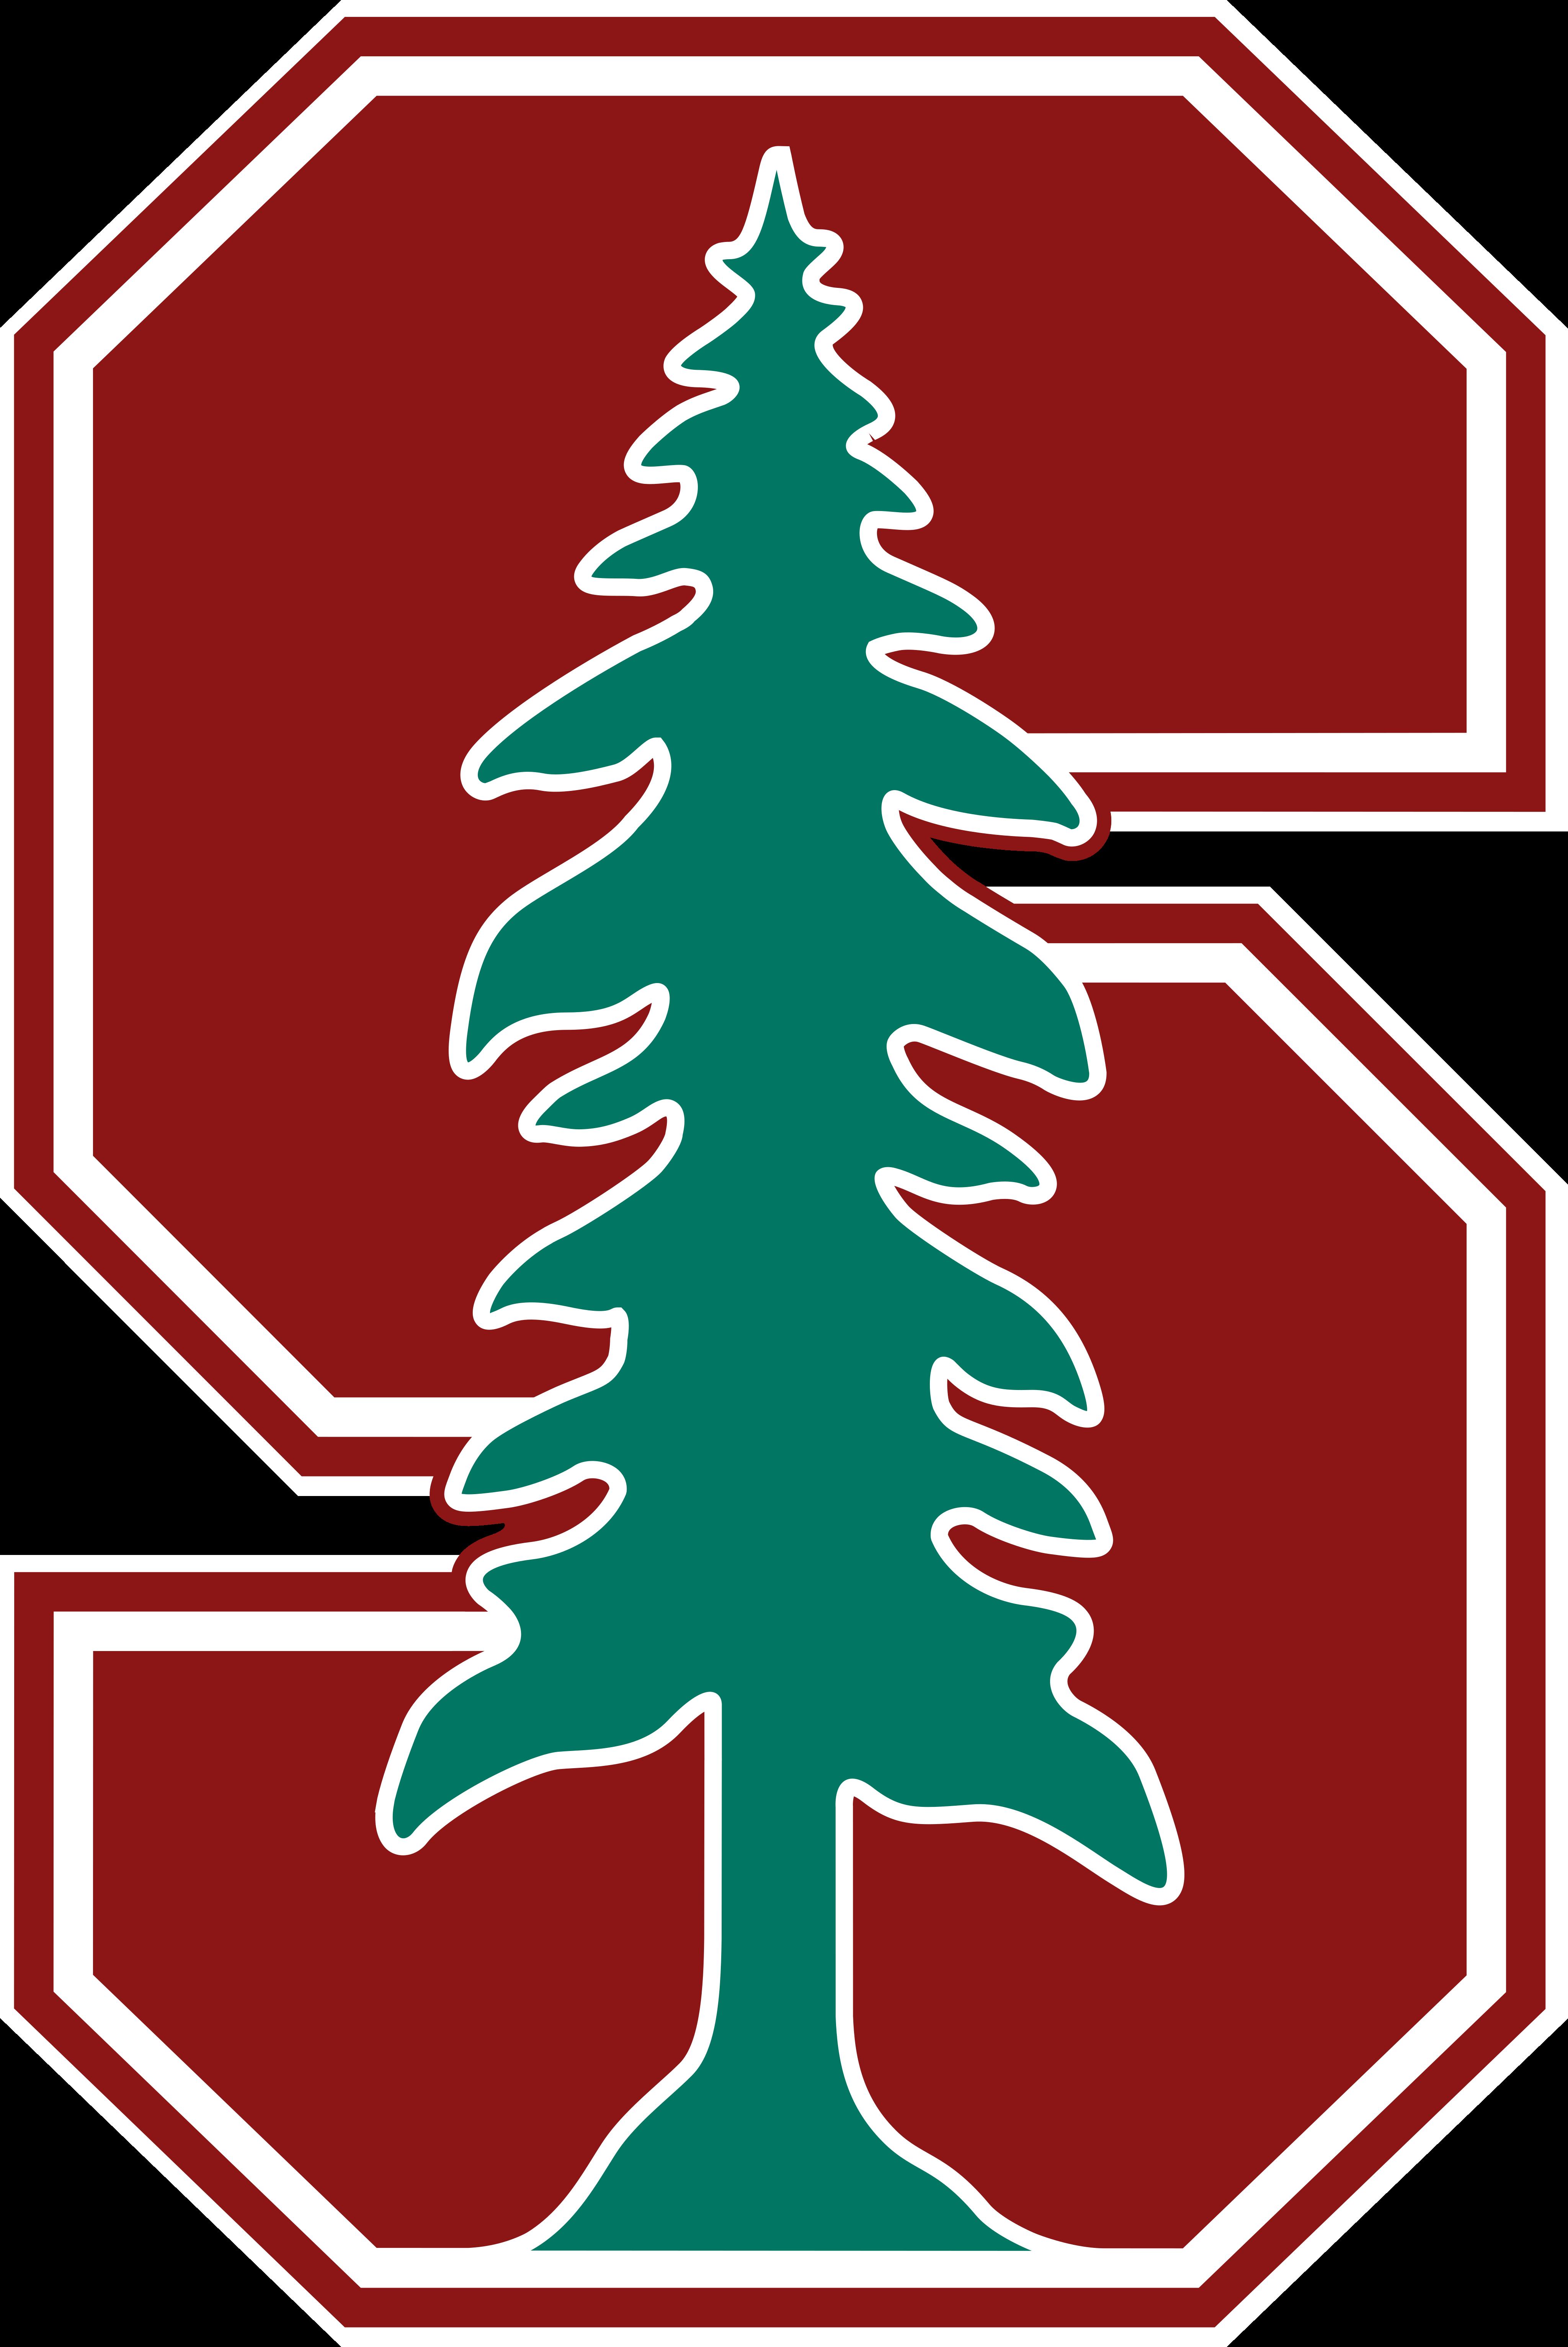 stanford university logo 1 - Universidad Stanford Logo